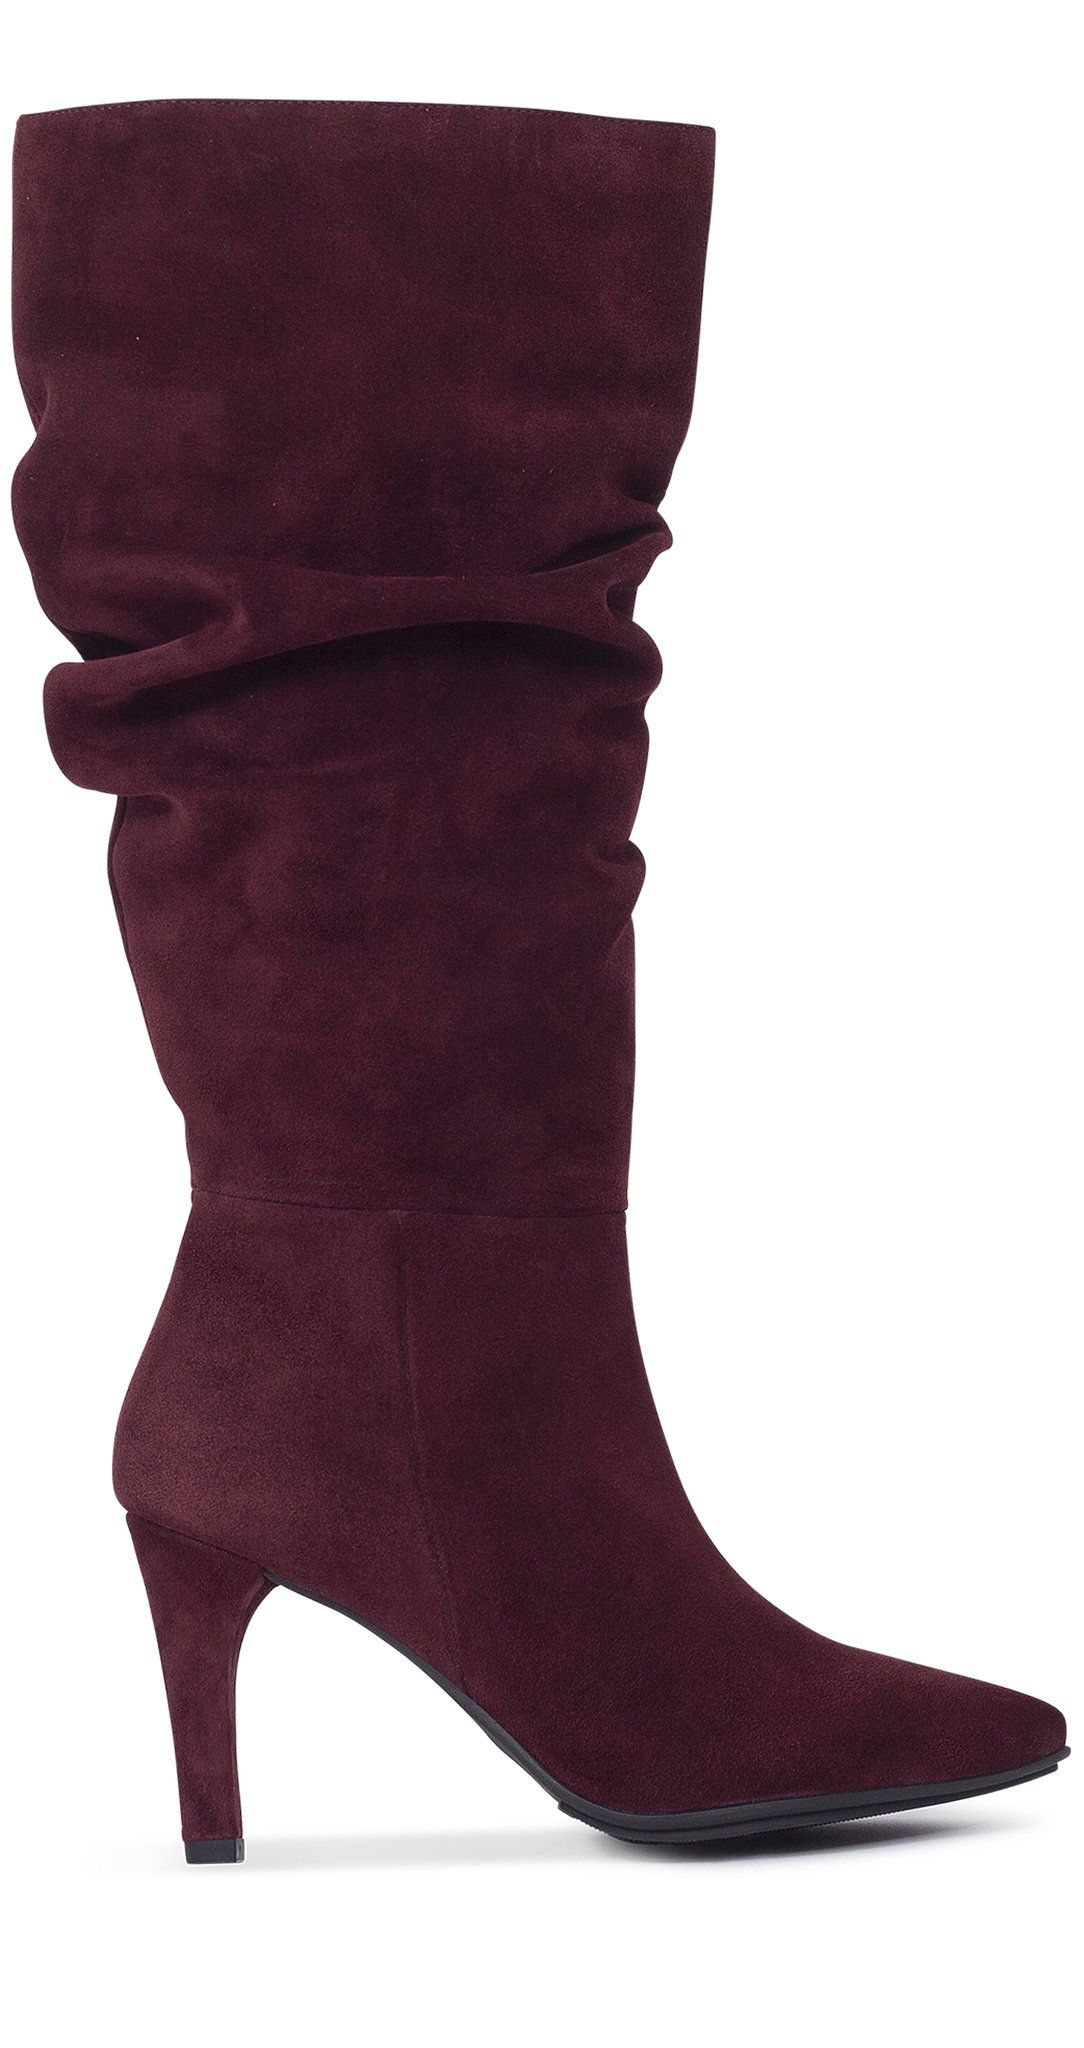 c9d8644336 Botas de mujer con tacón negras – Zapatos online miMaO – miMaO ShopOnline